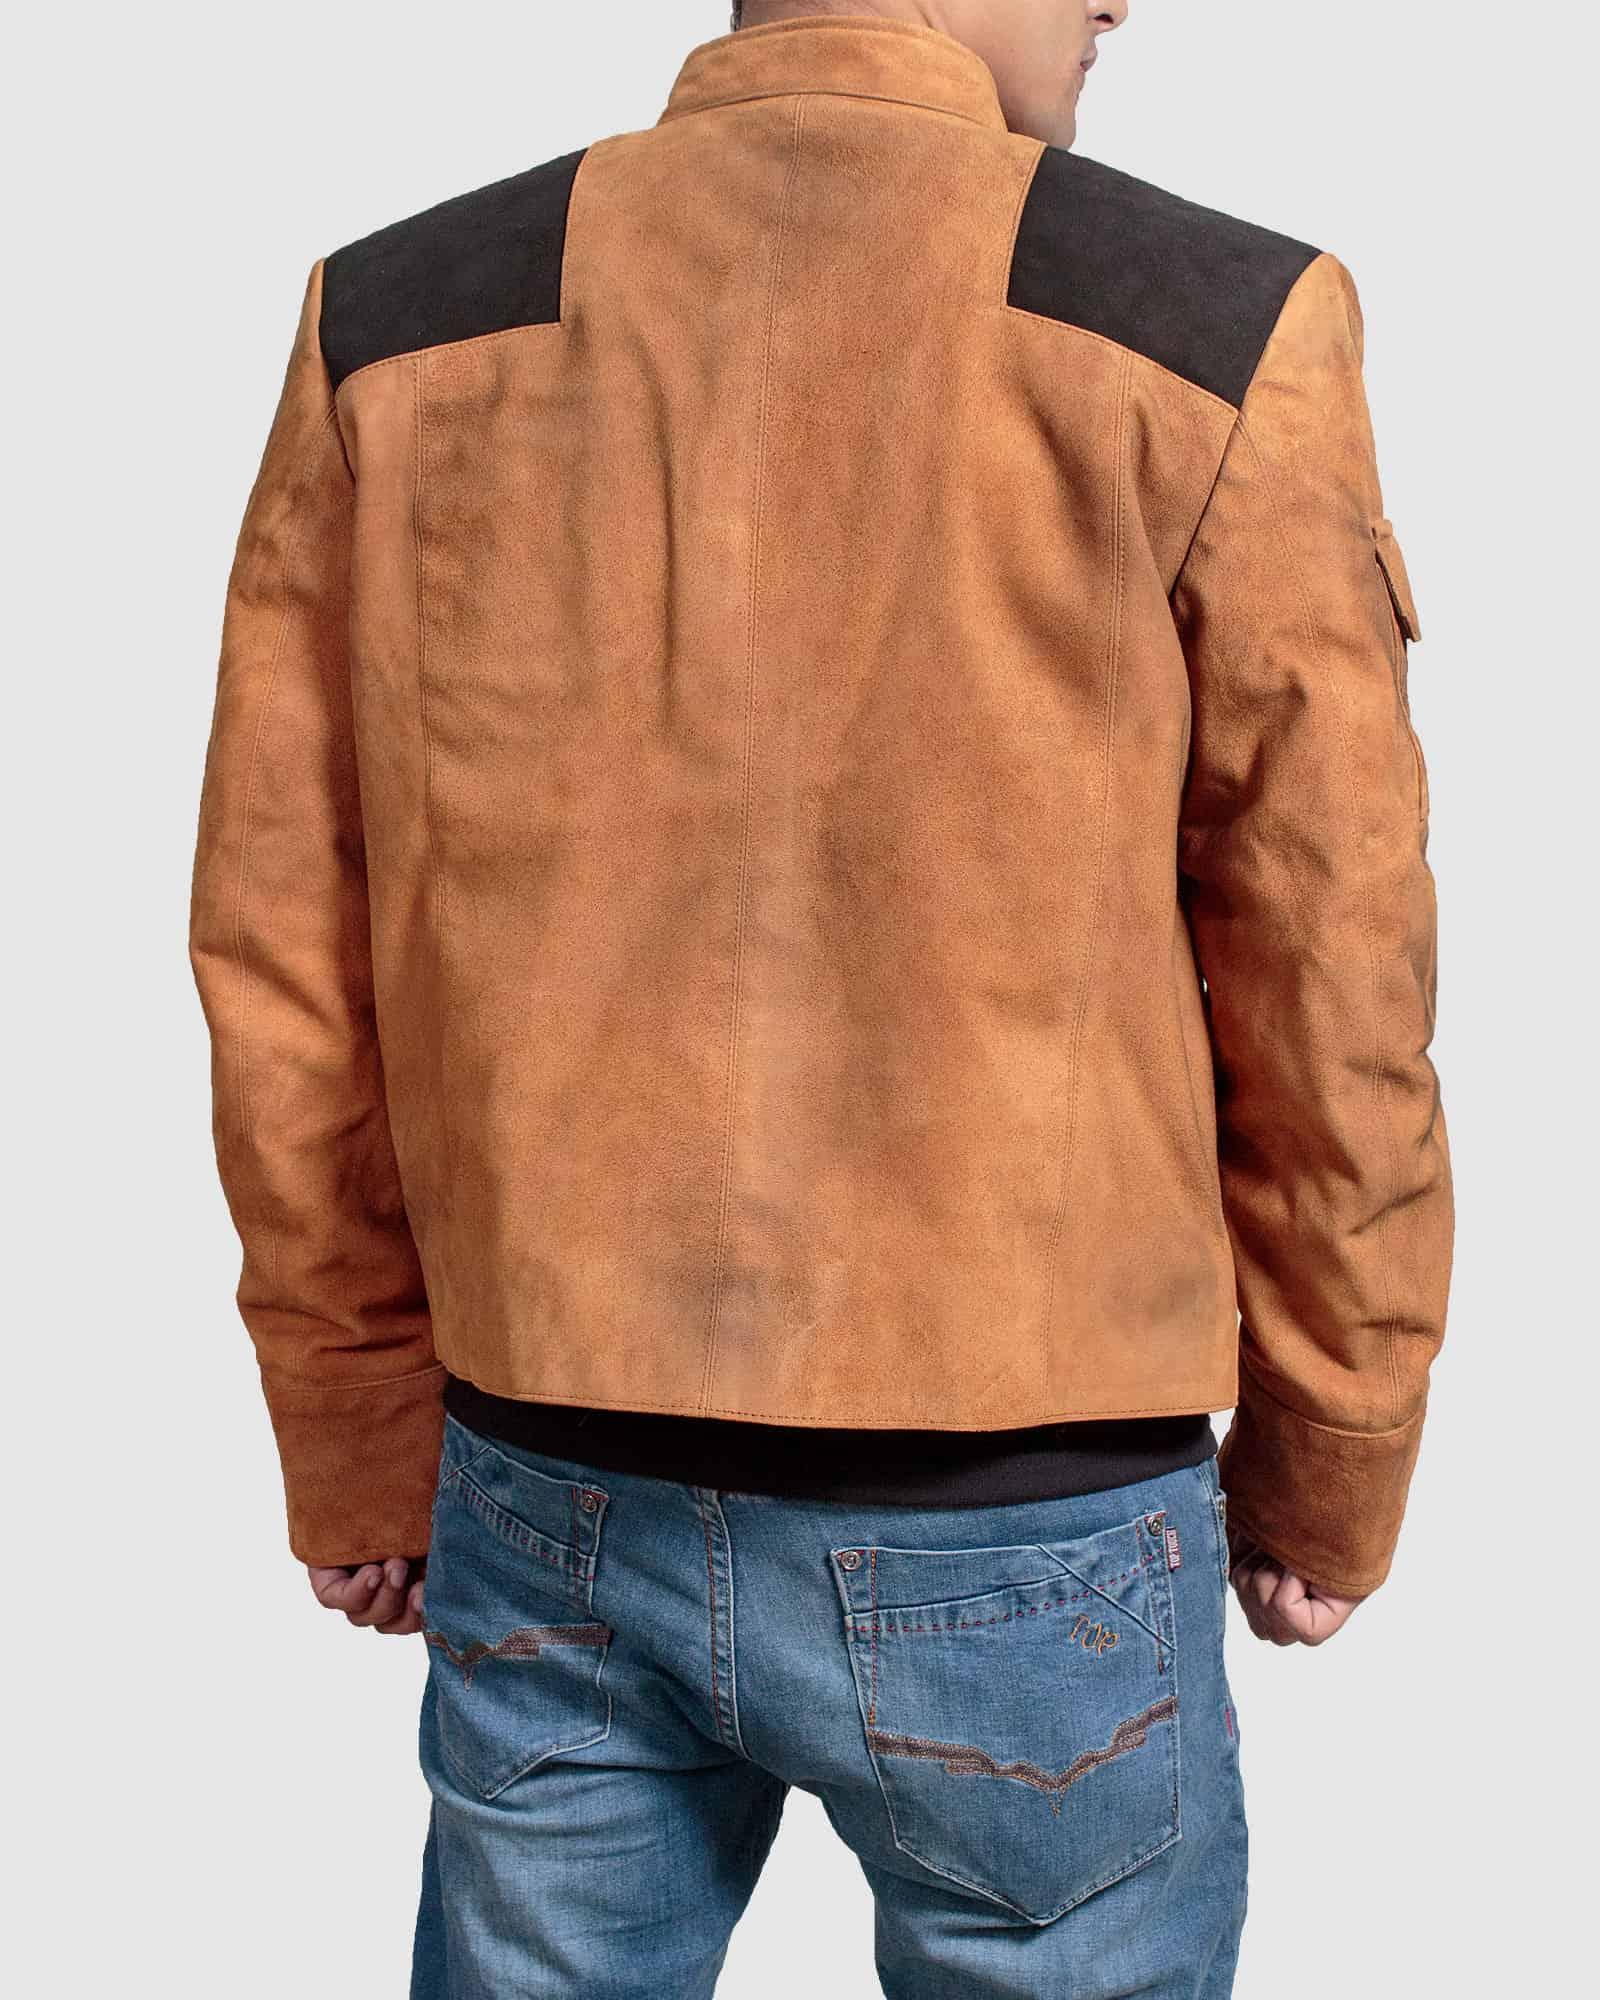 alden-ehrenreich-han-solo-jacket-d